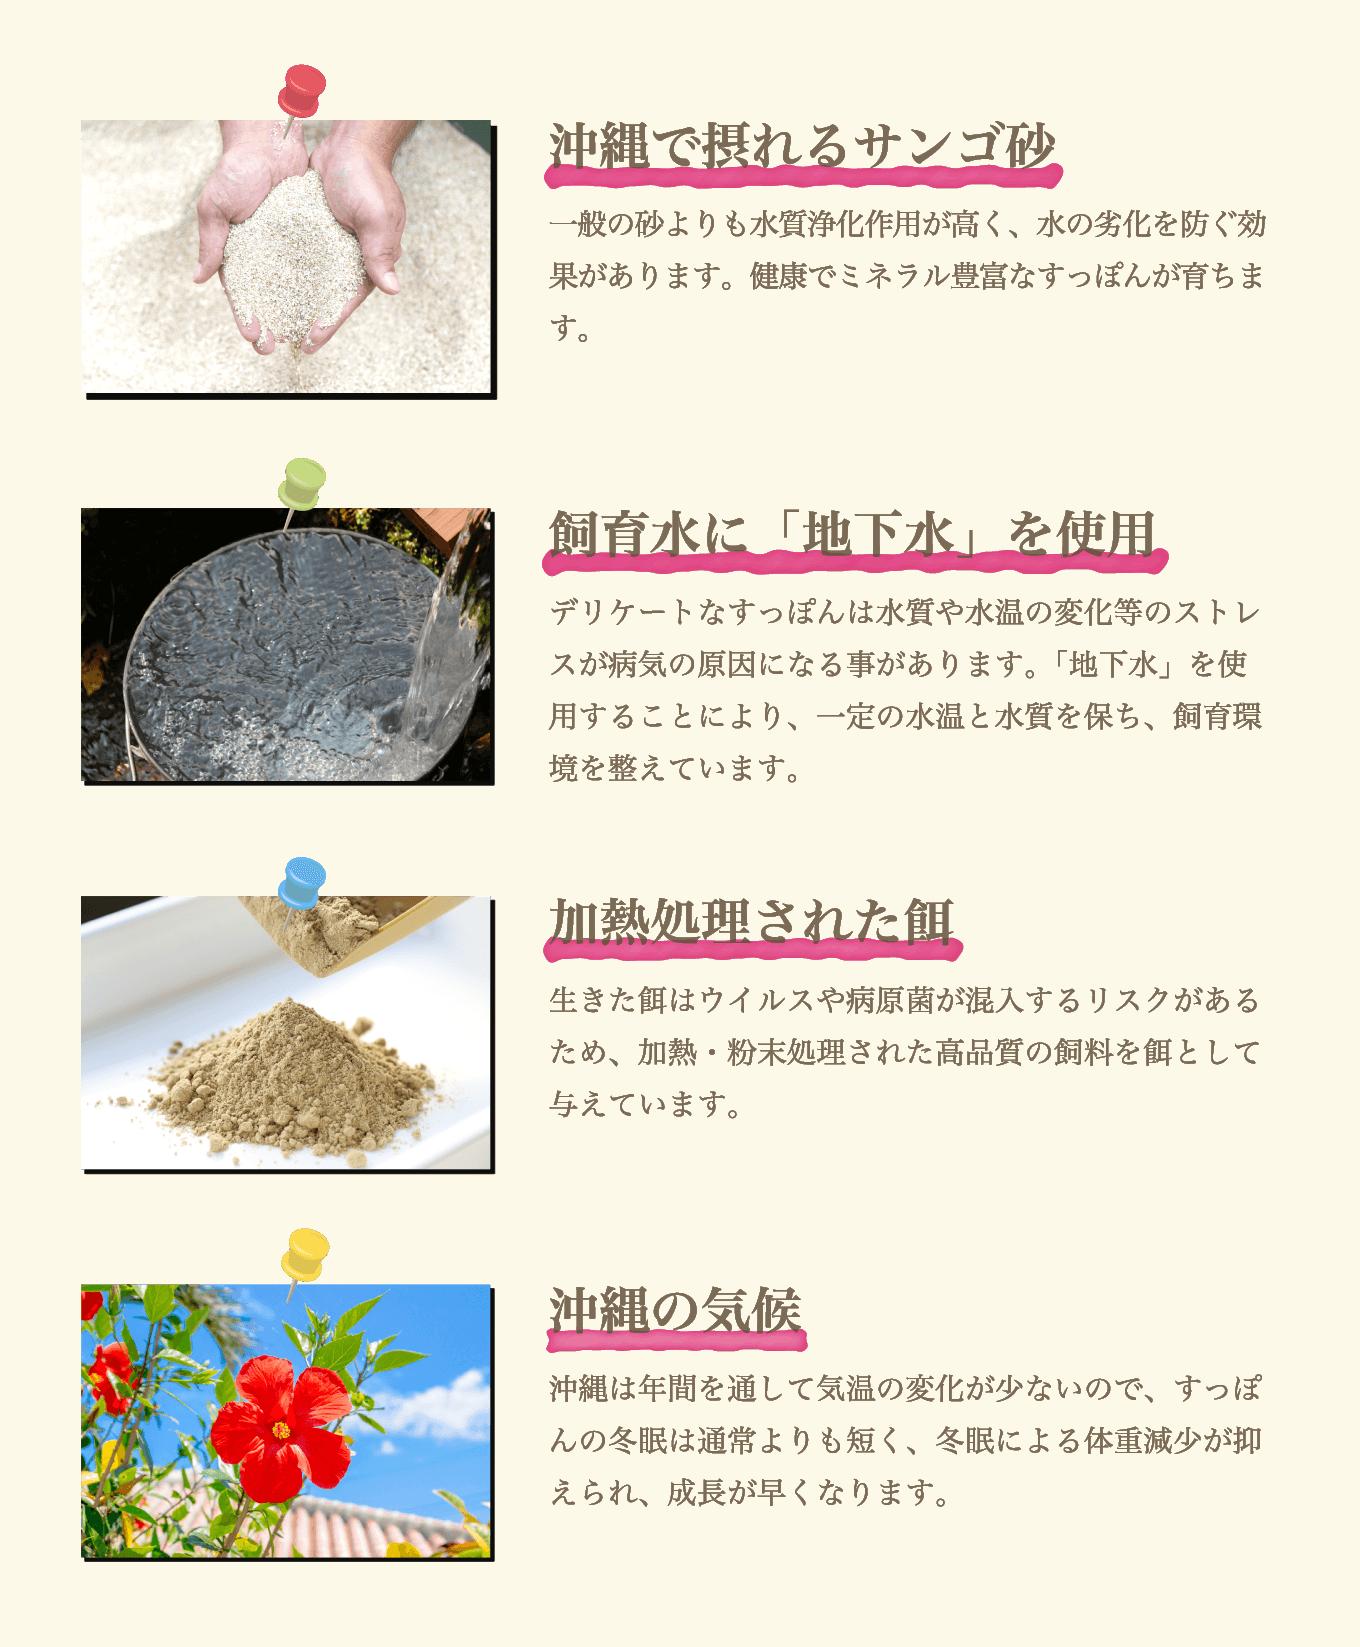 珊瑚砂、地下水、餌、気候